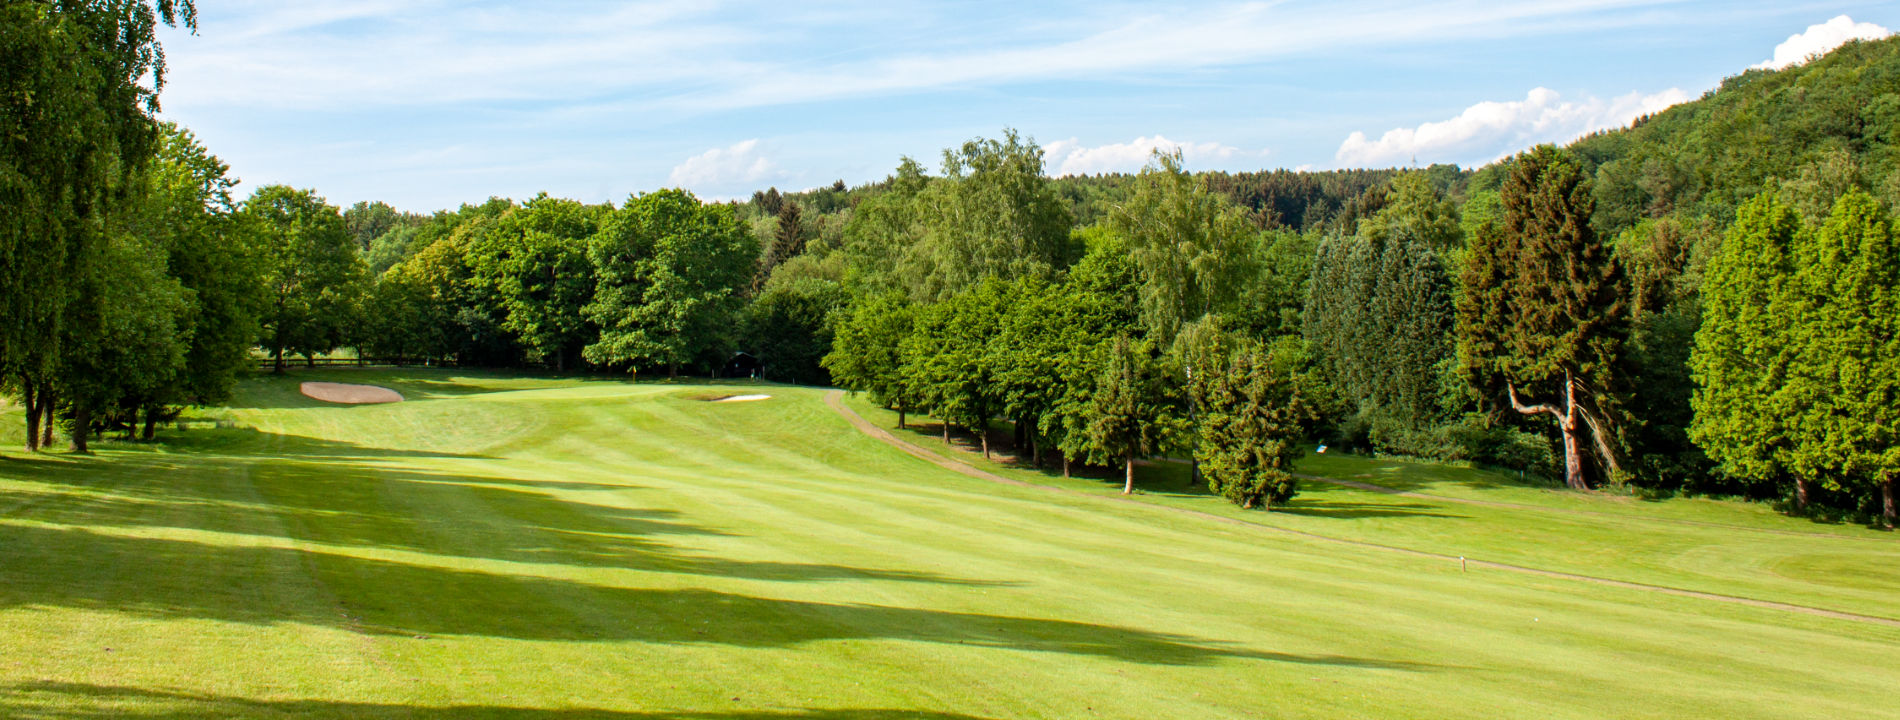 Golf Course Siebengebirge